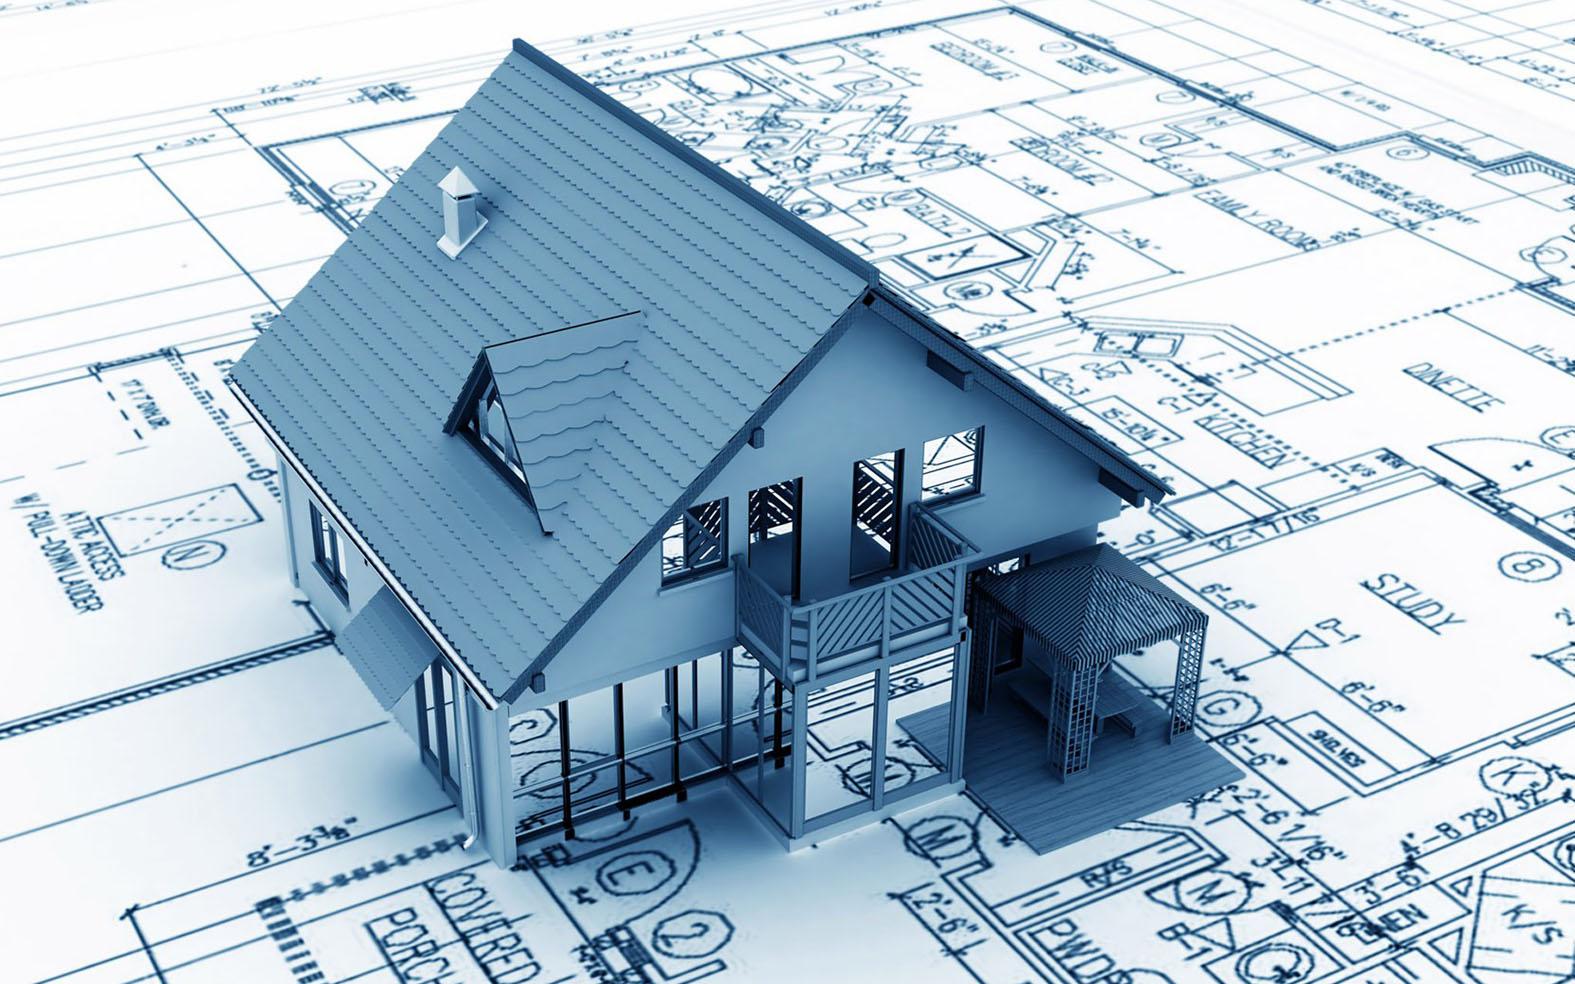 За будівництвом житла Волинь посідає третє місце